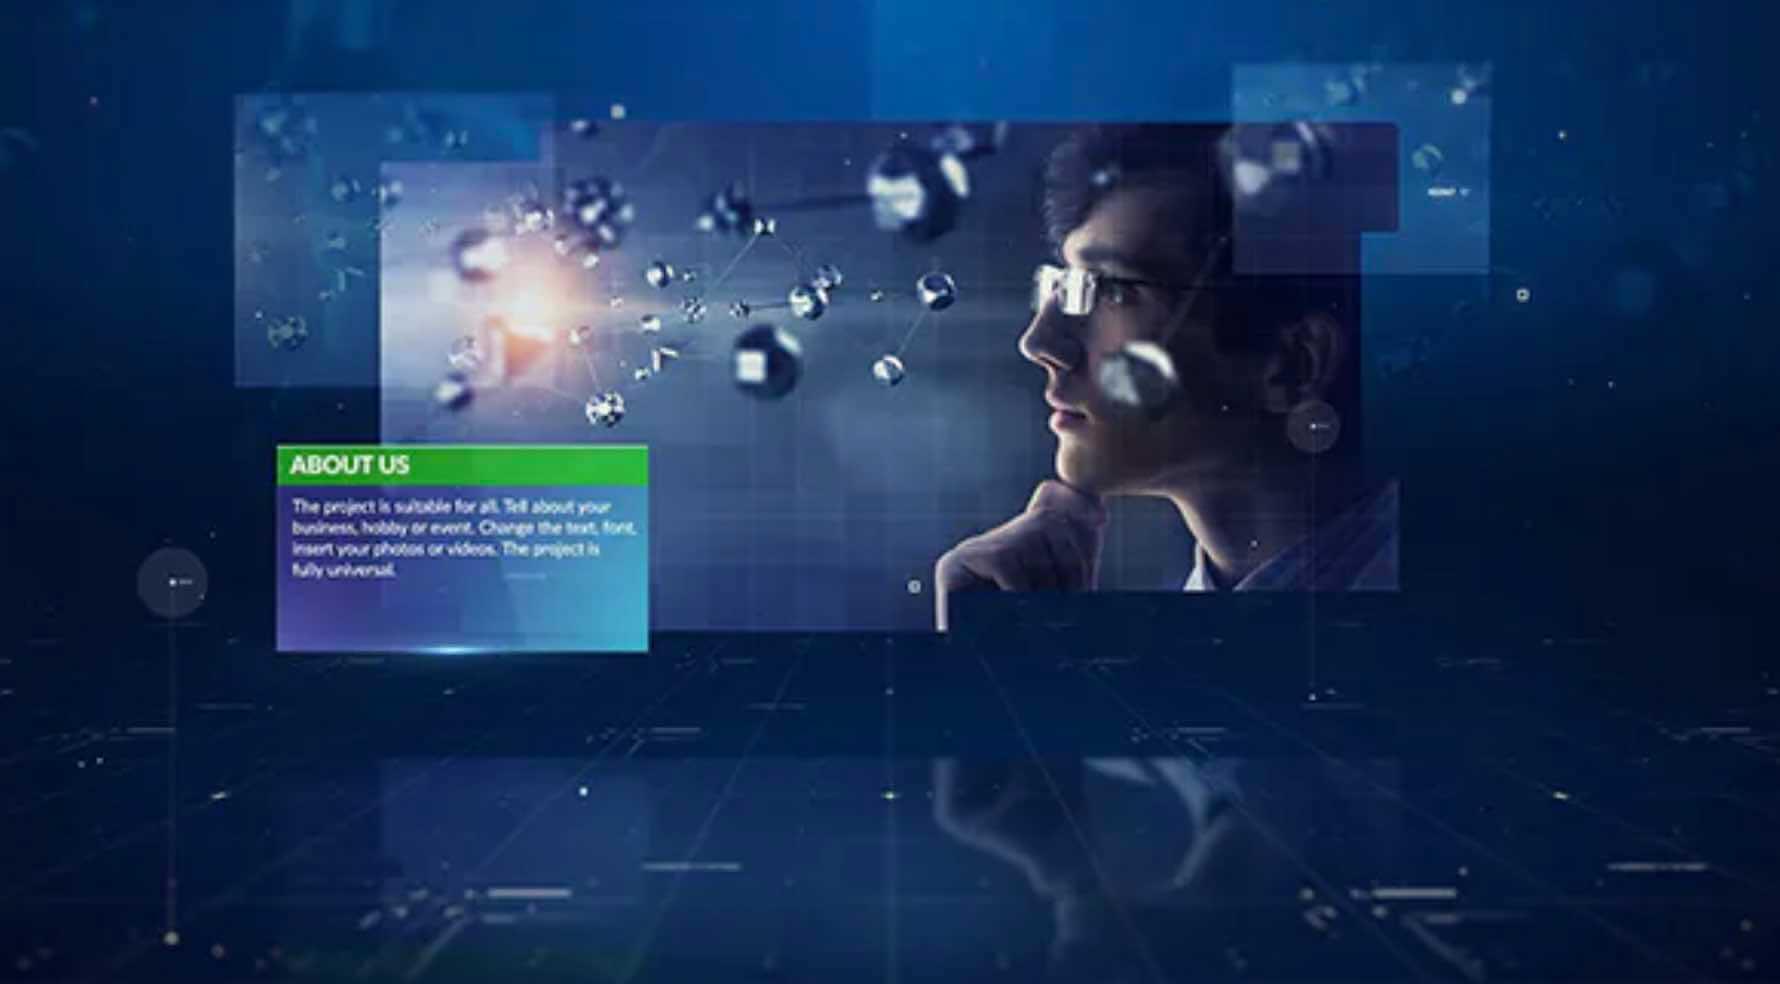 AE模板-数码空间幻灯片插图